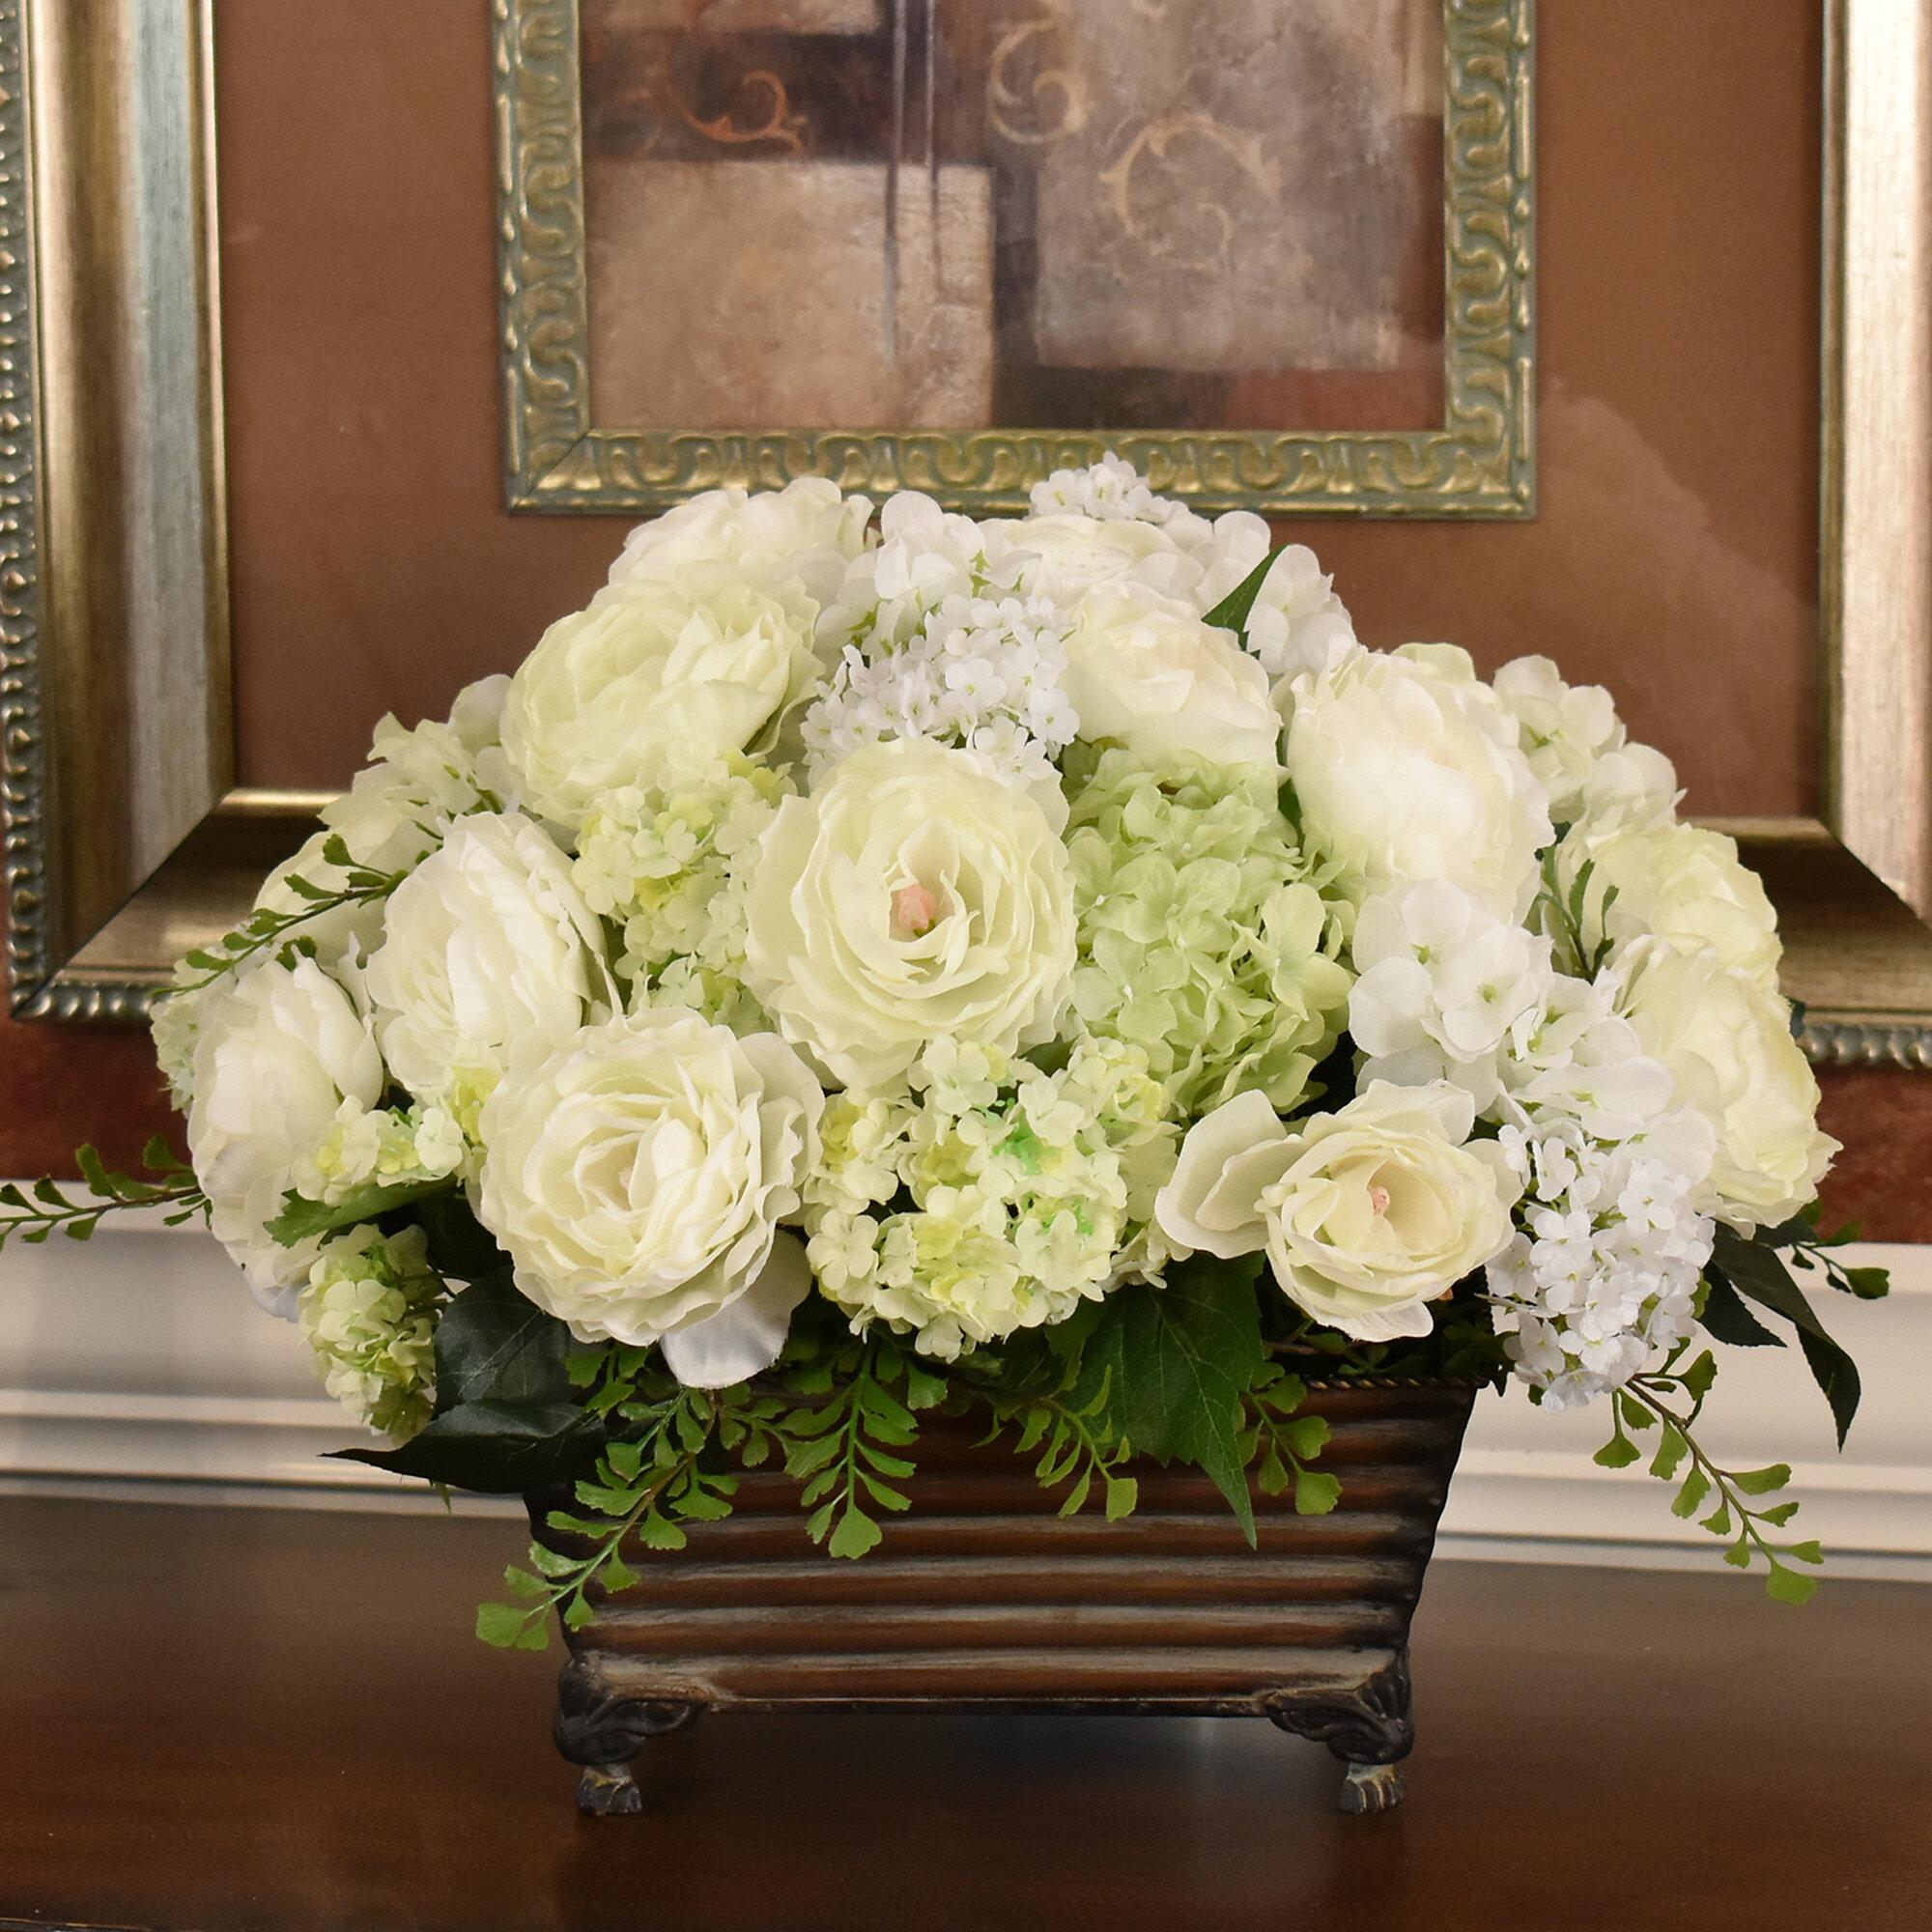 Astoria grand silk flower centerpiece in planter wayfair mightylinksfo